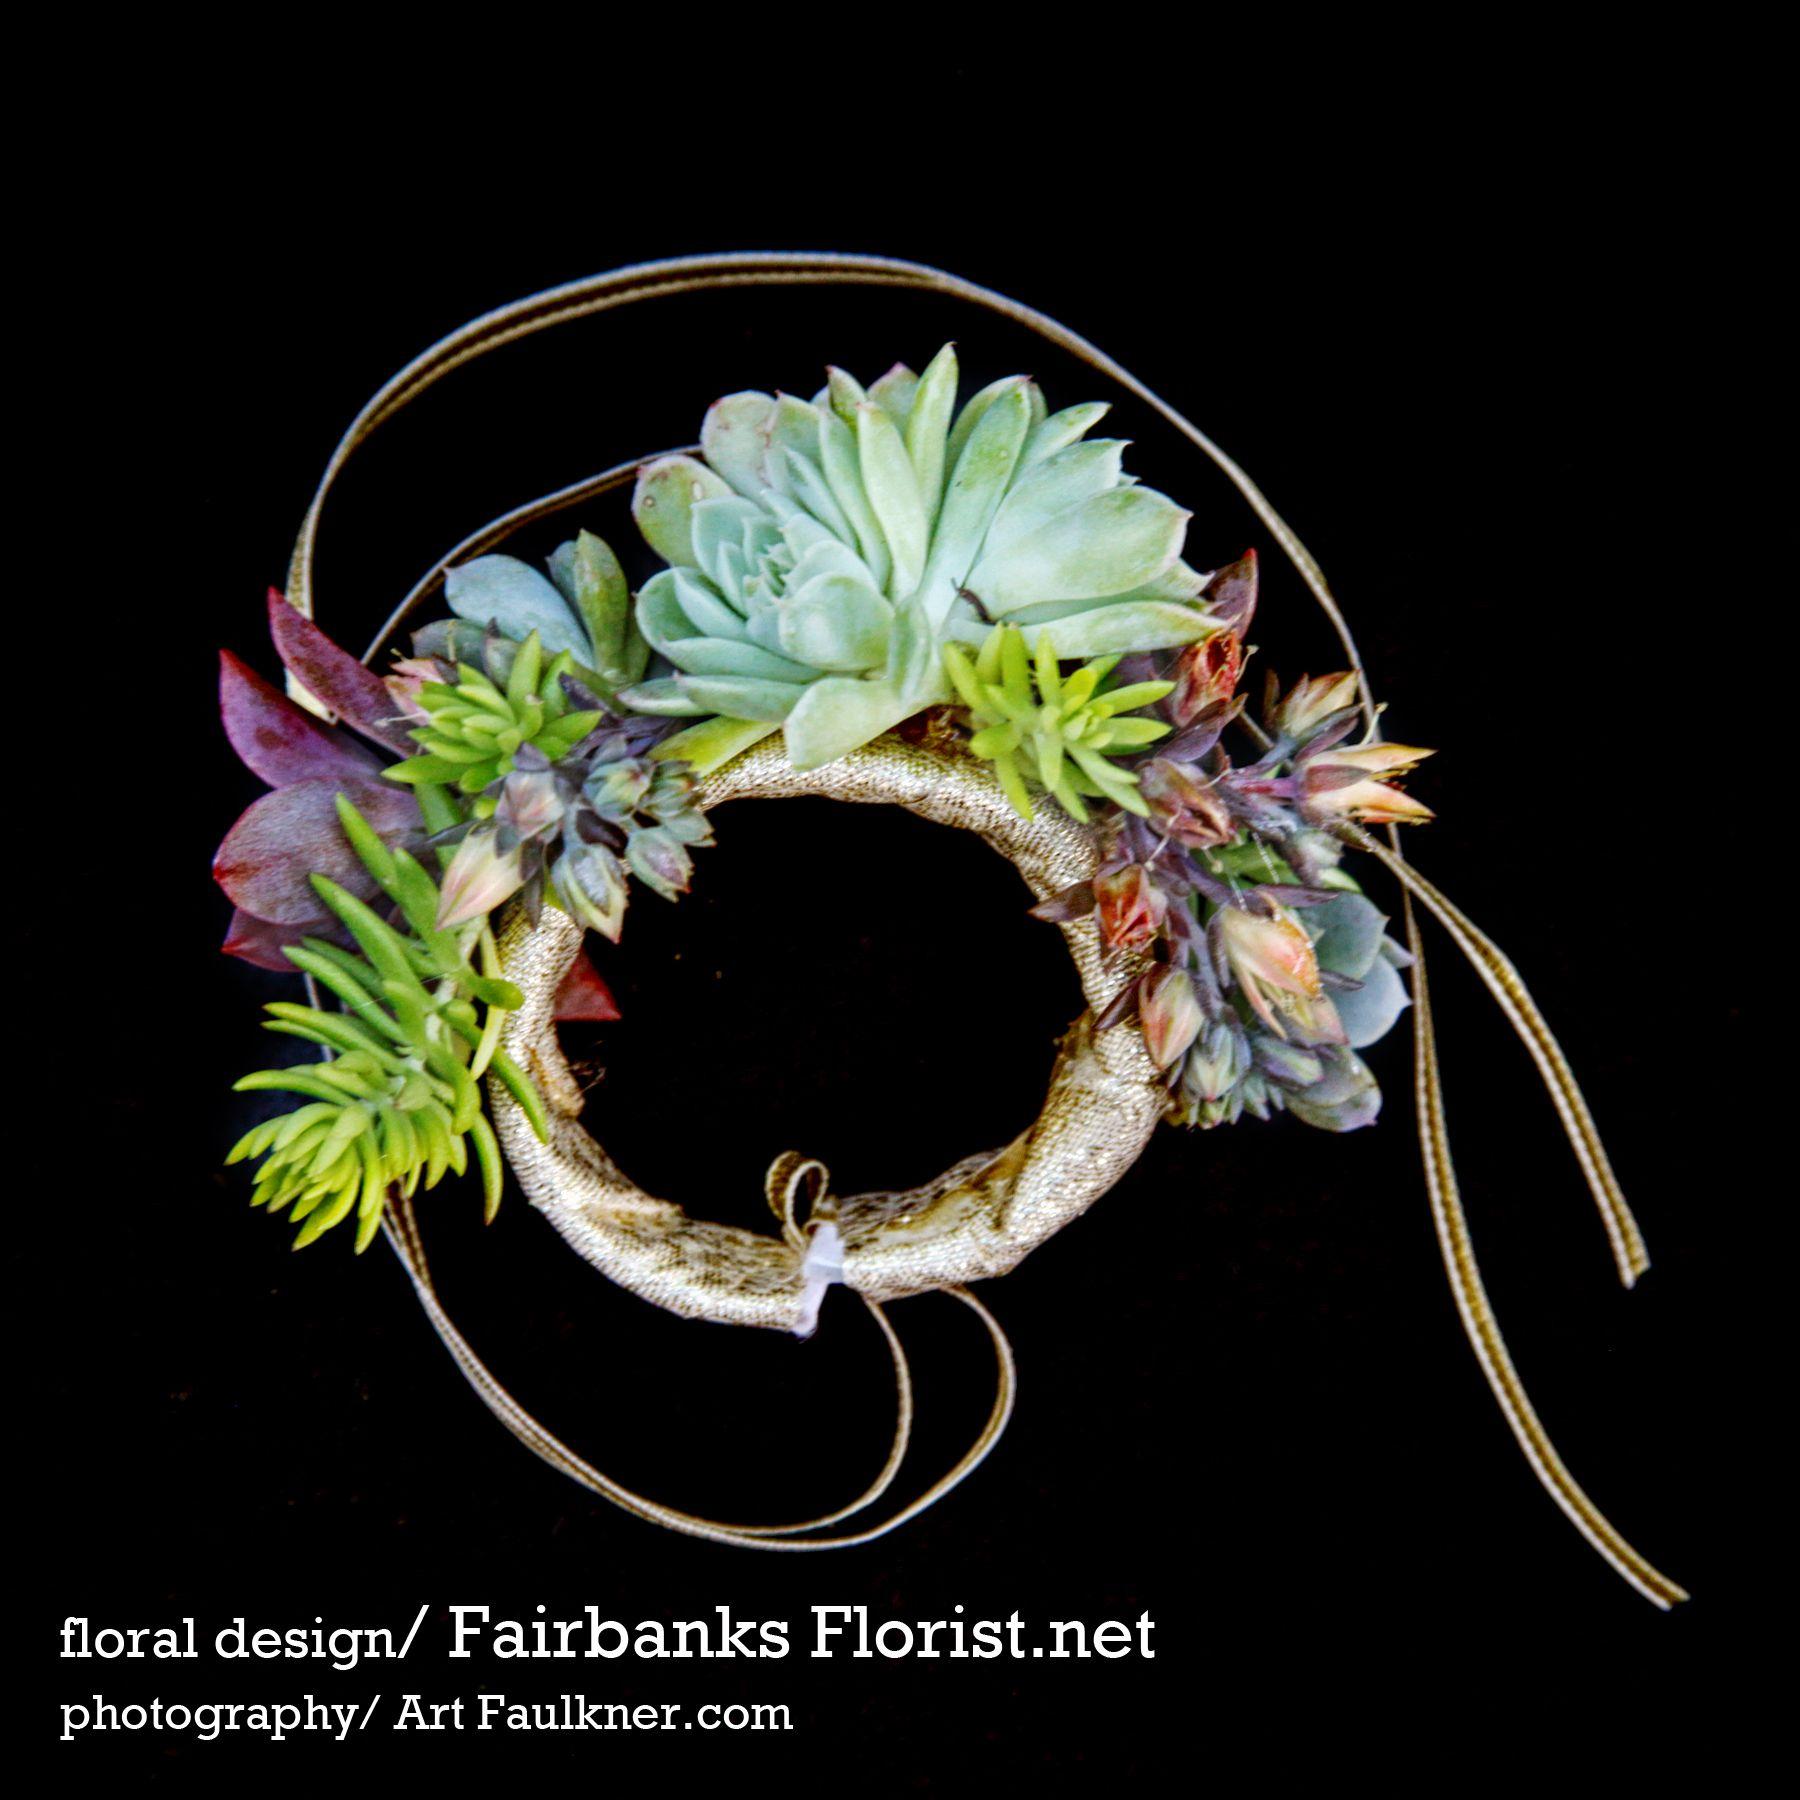 Bracelet wrist corsage with succulents